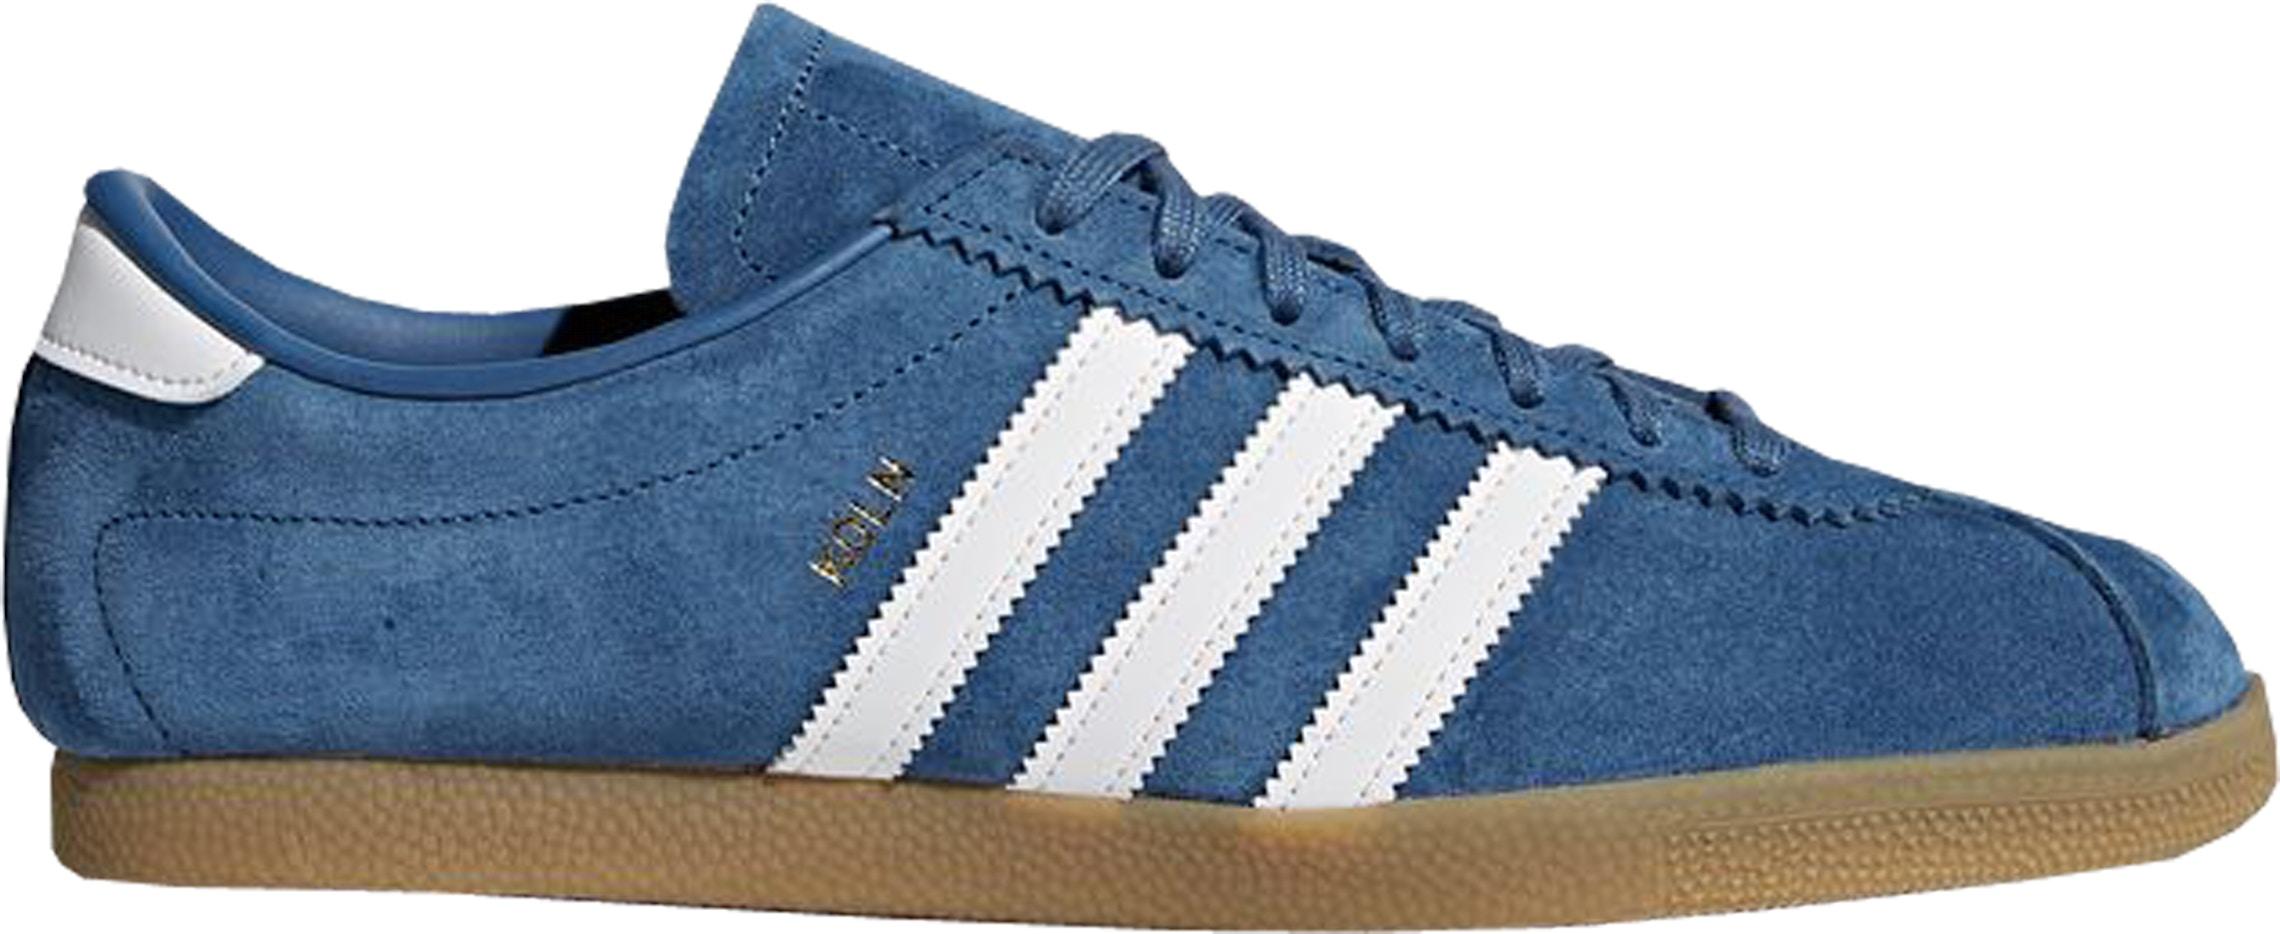 adidas Koln Core Blue